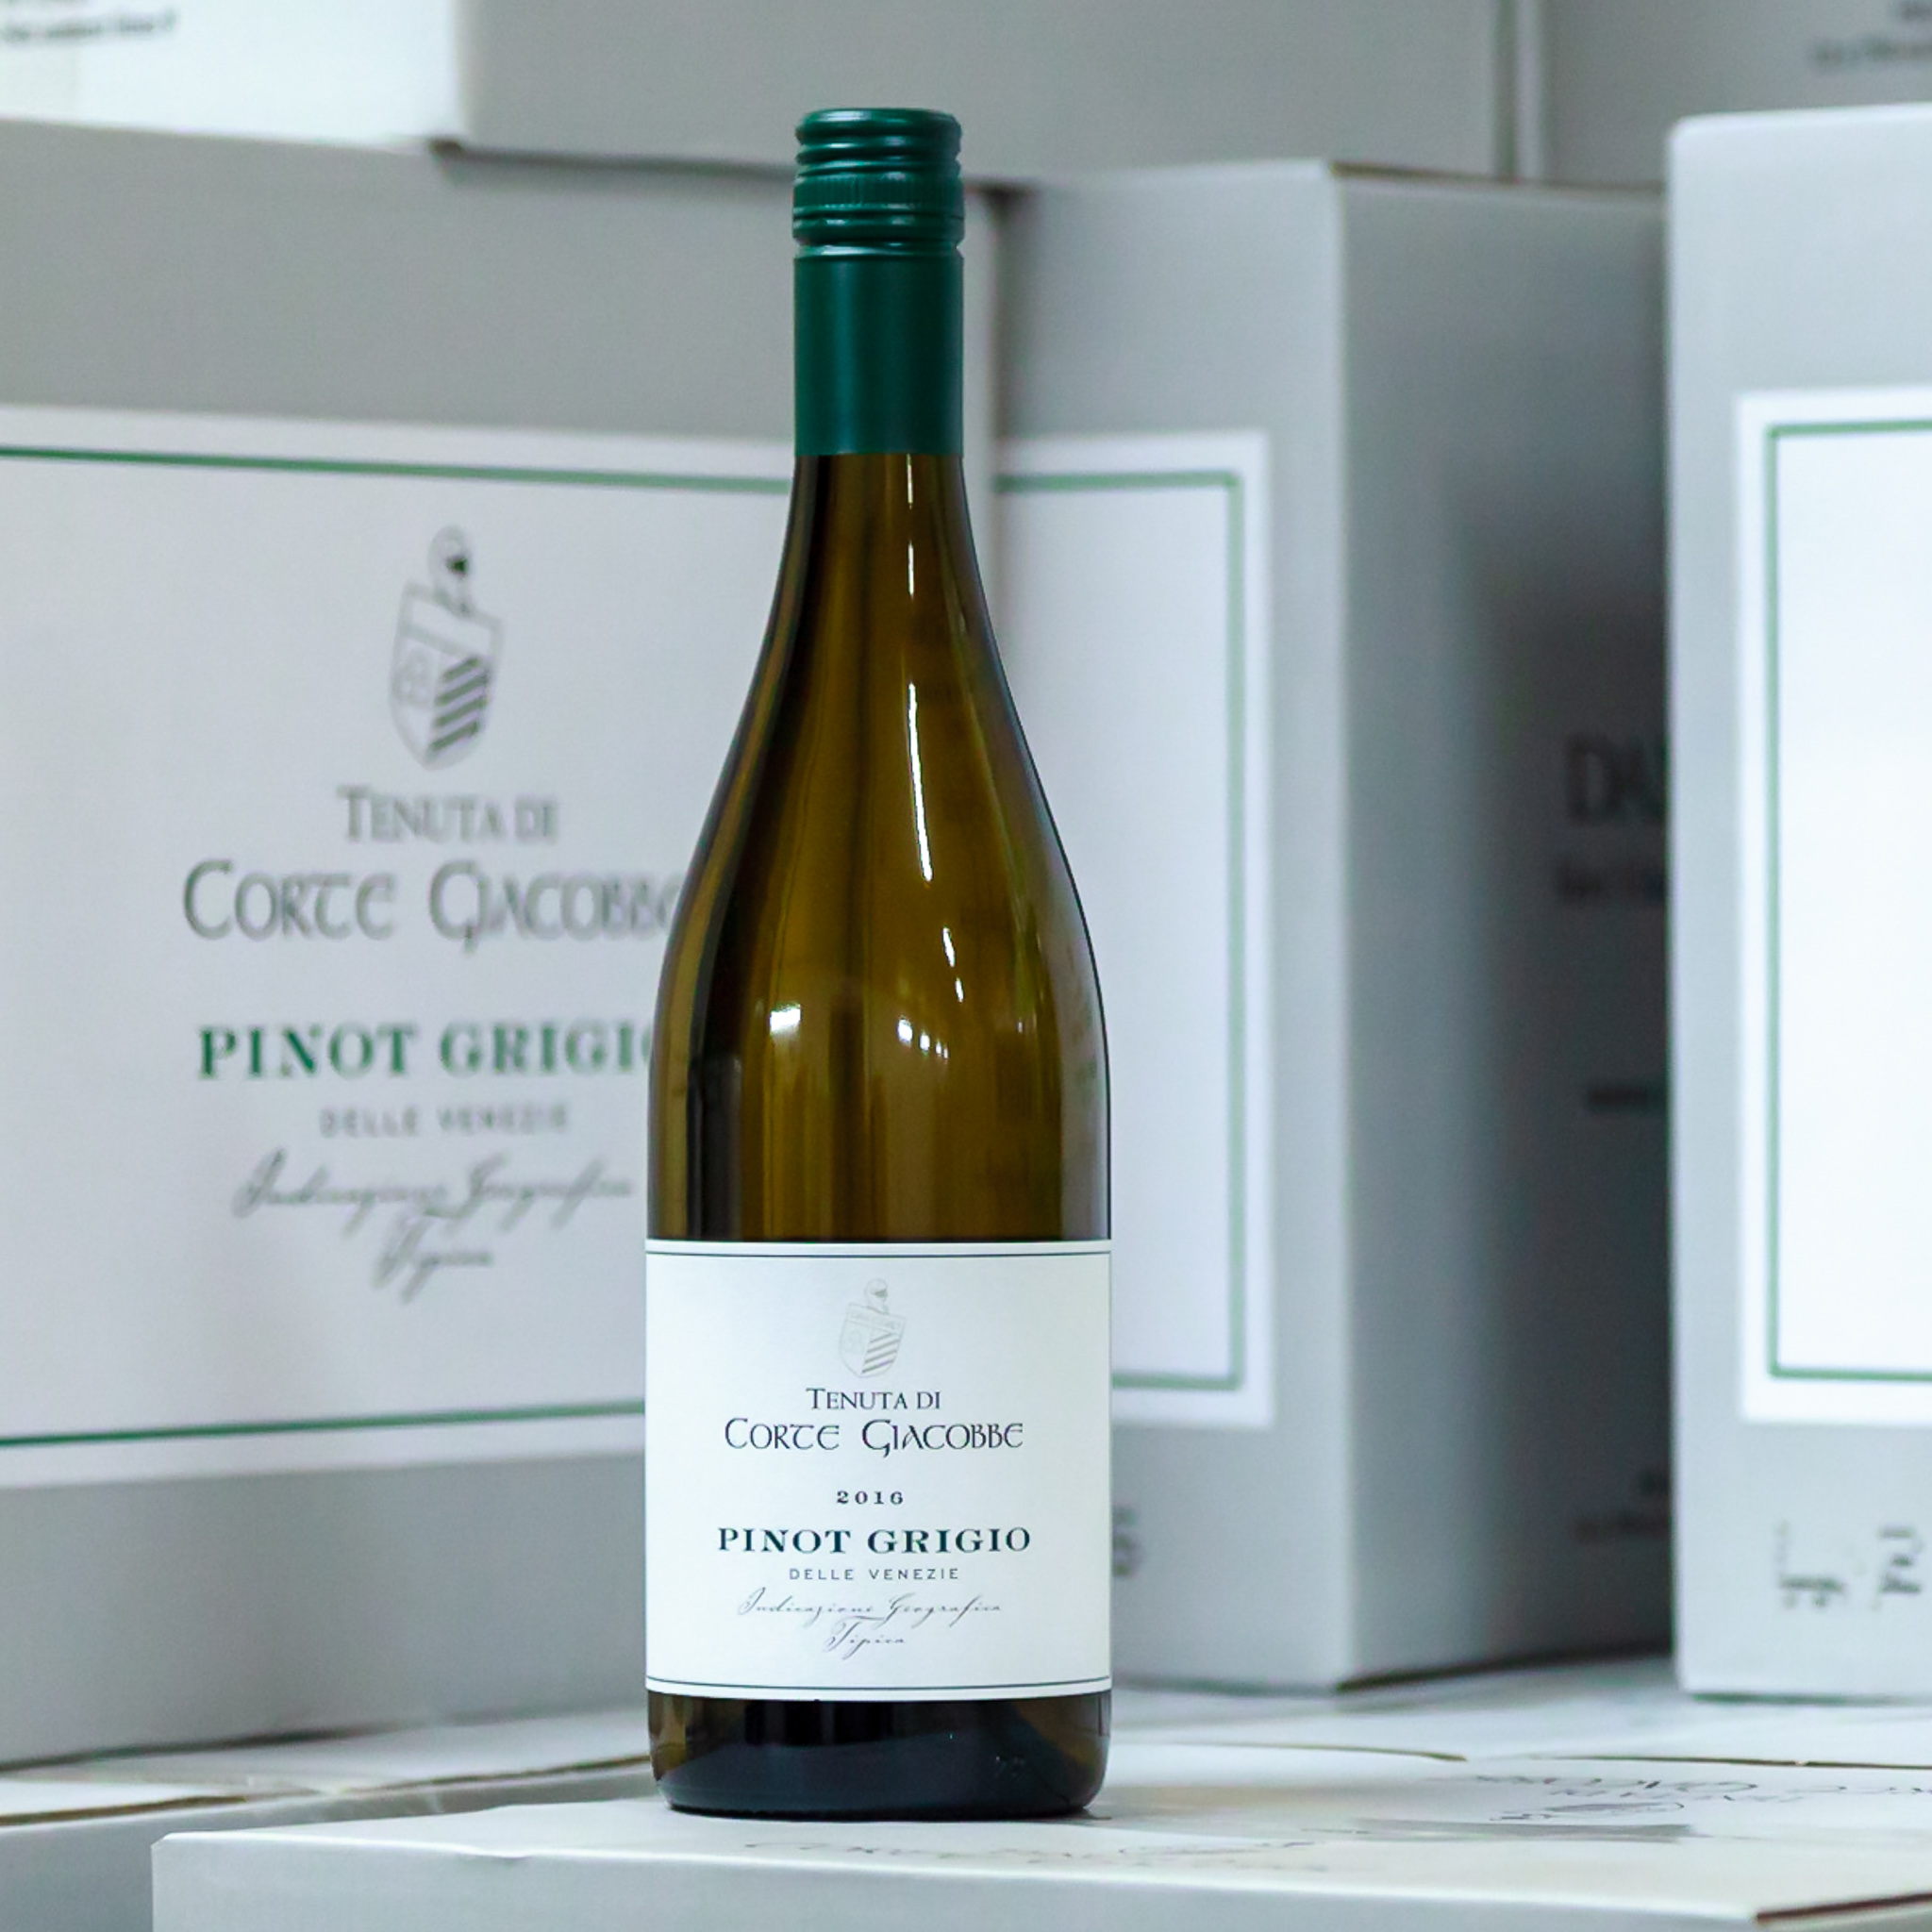 Pinot Grigio - Víno slámovité barvy se zelenými odlesky. Aroma svěžího ovoce, zralé hrušky a banánu. Vyvážená kyselinka a minerálnost podtrhují osobitost tohoto vína.